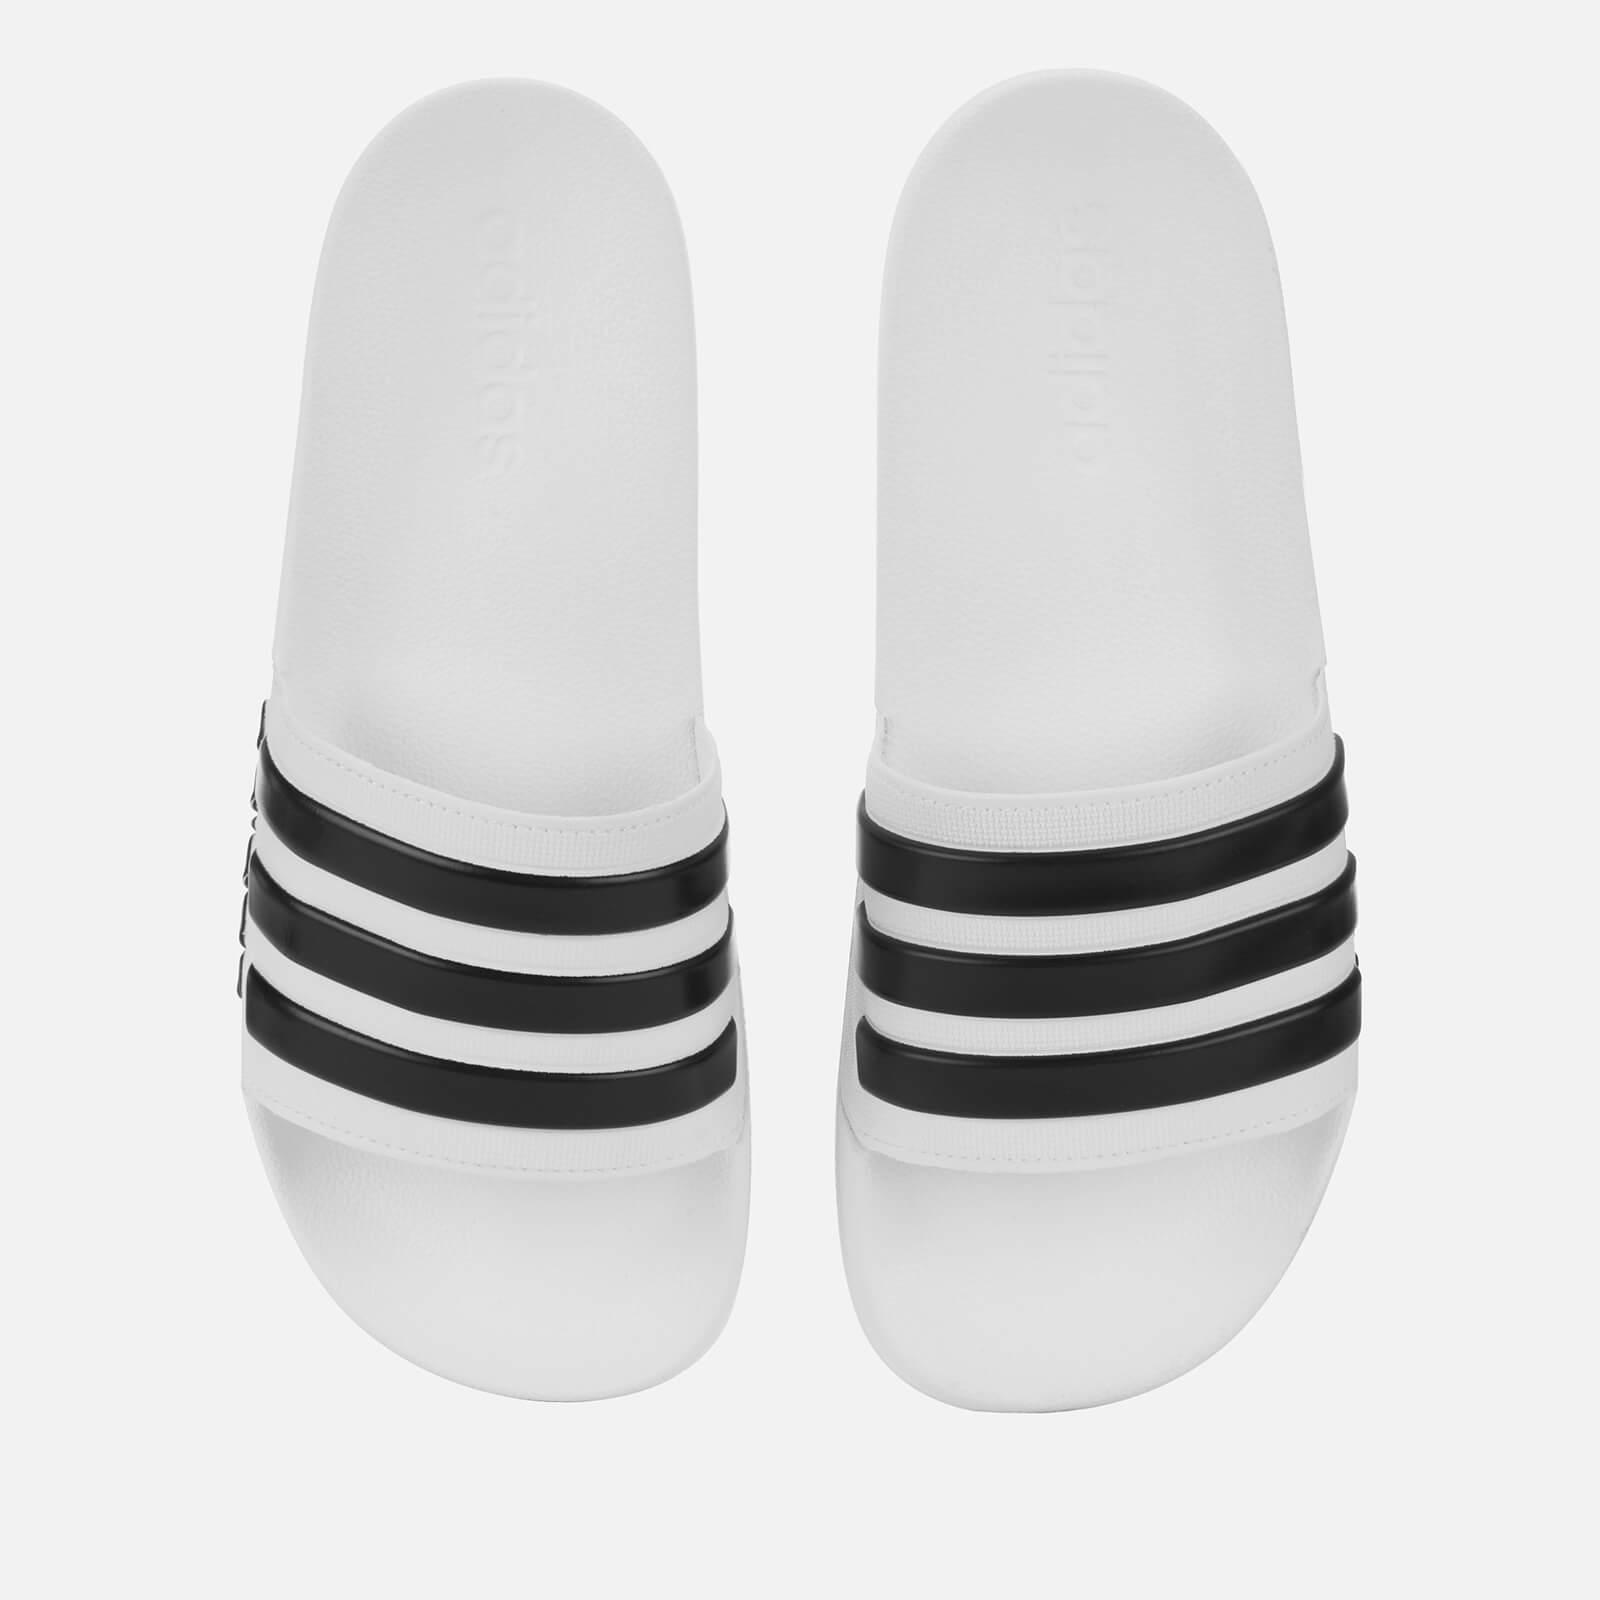 adidas Men's Adilette Shower Slide Sandals - White - UK 8 - White